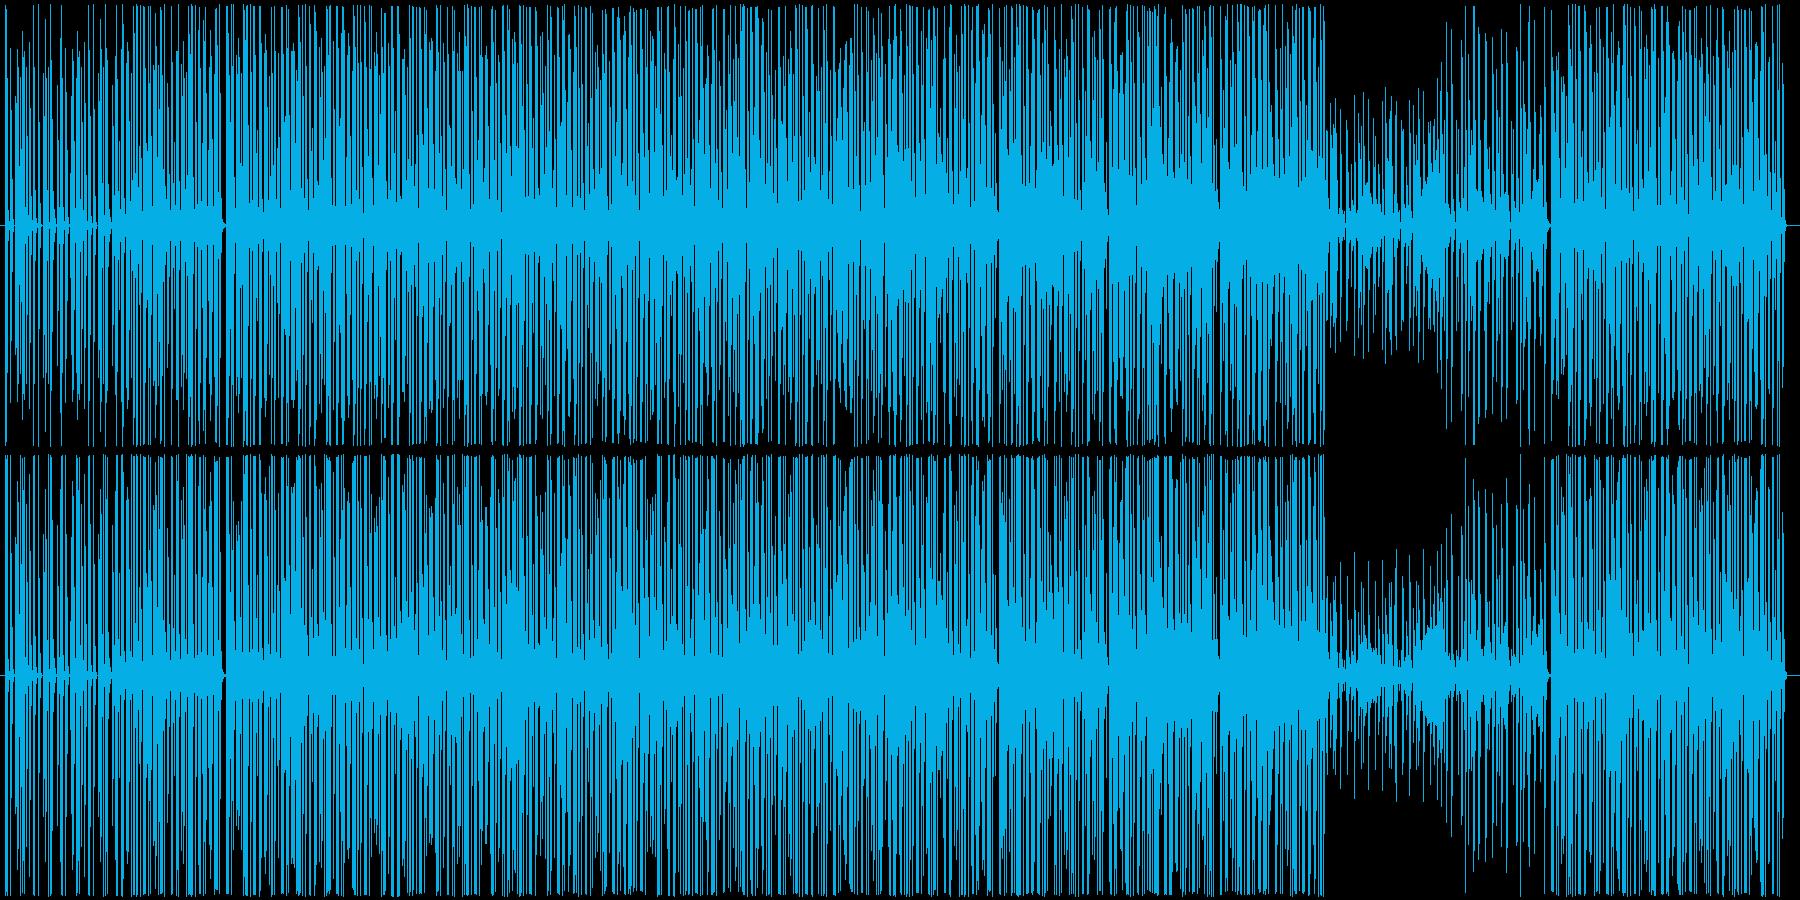 軽快かつ浮遊感のあるテクノサウンドの再生済みの波形